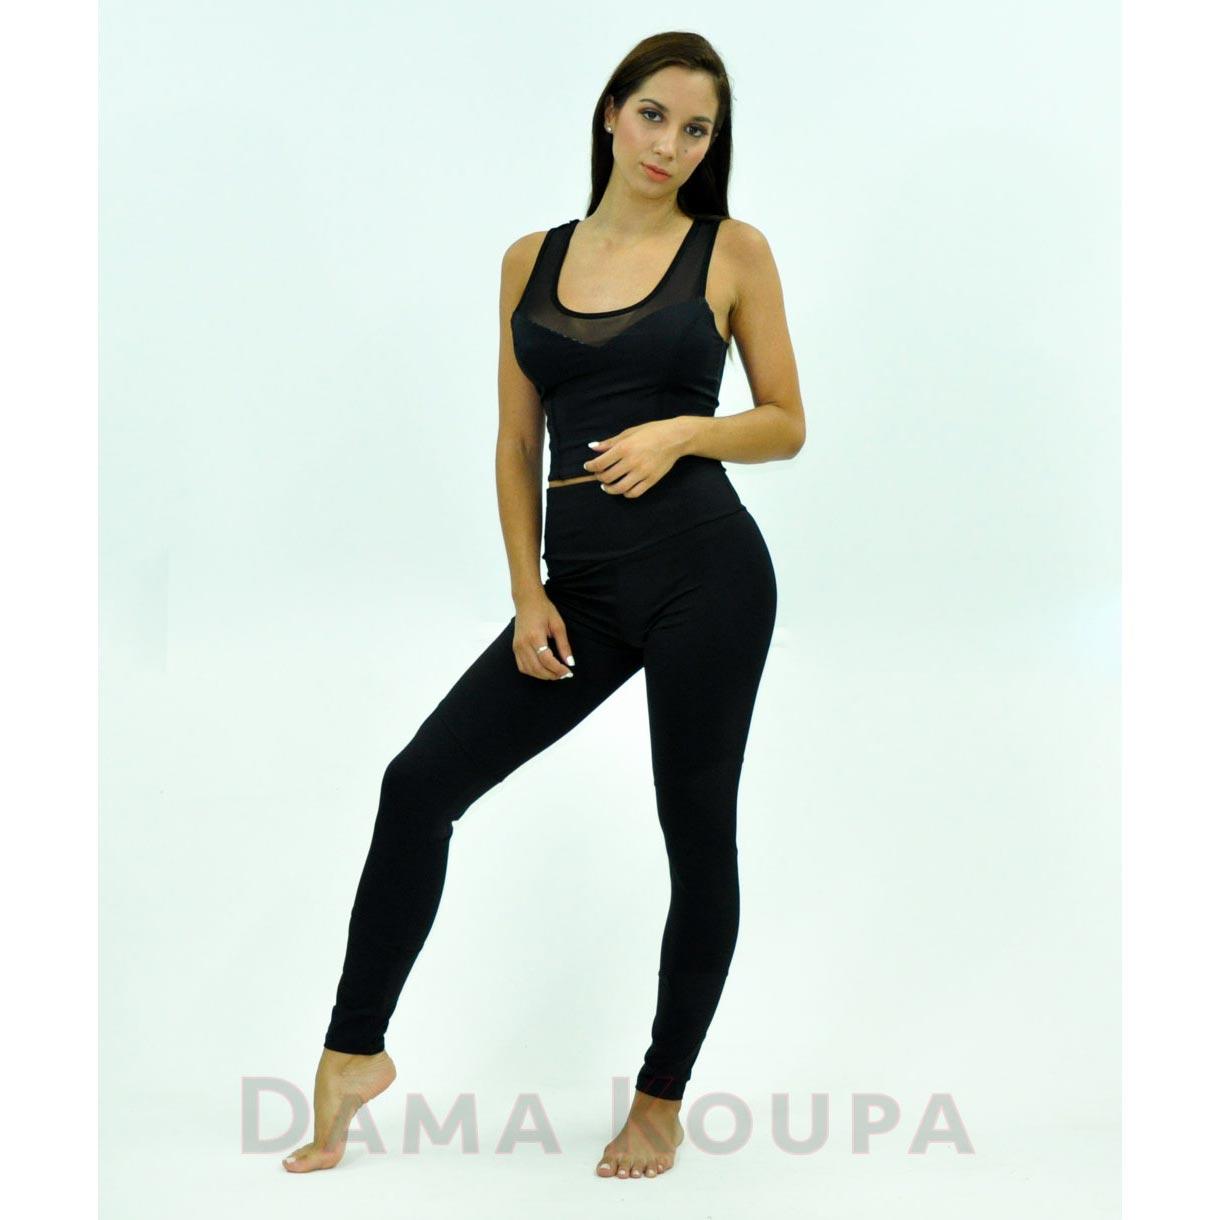 Ελληνική βιοτεχνία εσωρούχων πυζαμών και sportswear Αθλητικό κολάν σύσφιξης  μεγάλα μεγέθη ... 3d8e0c92ece